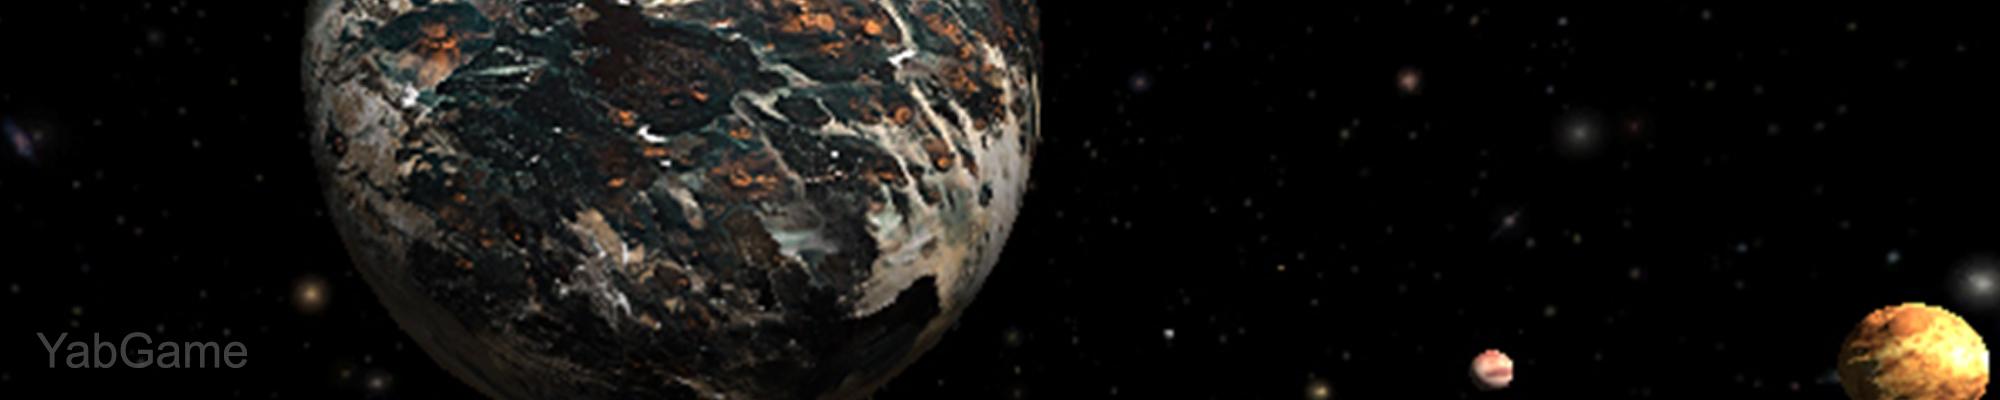 VR Exoplanets V1.0